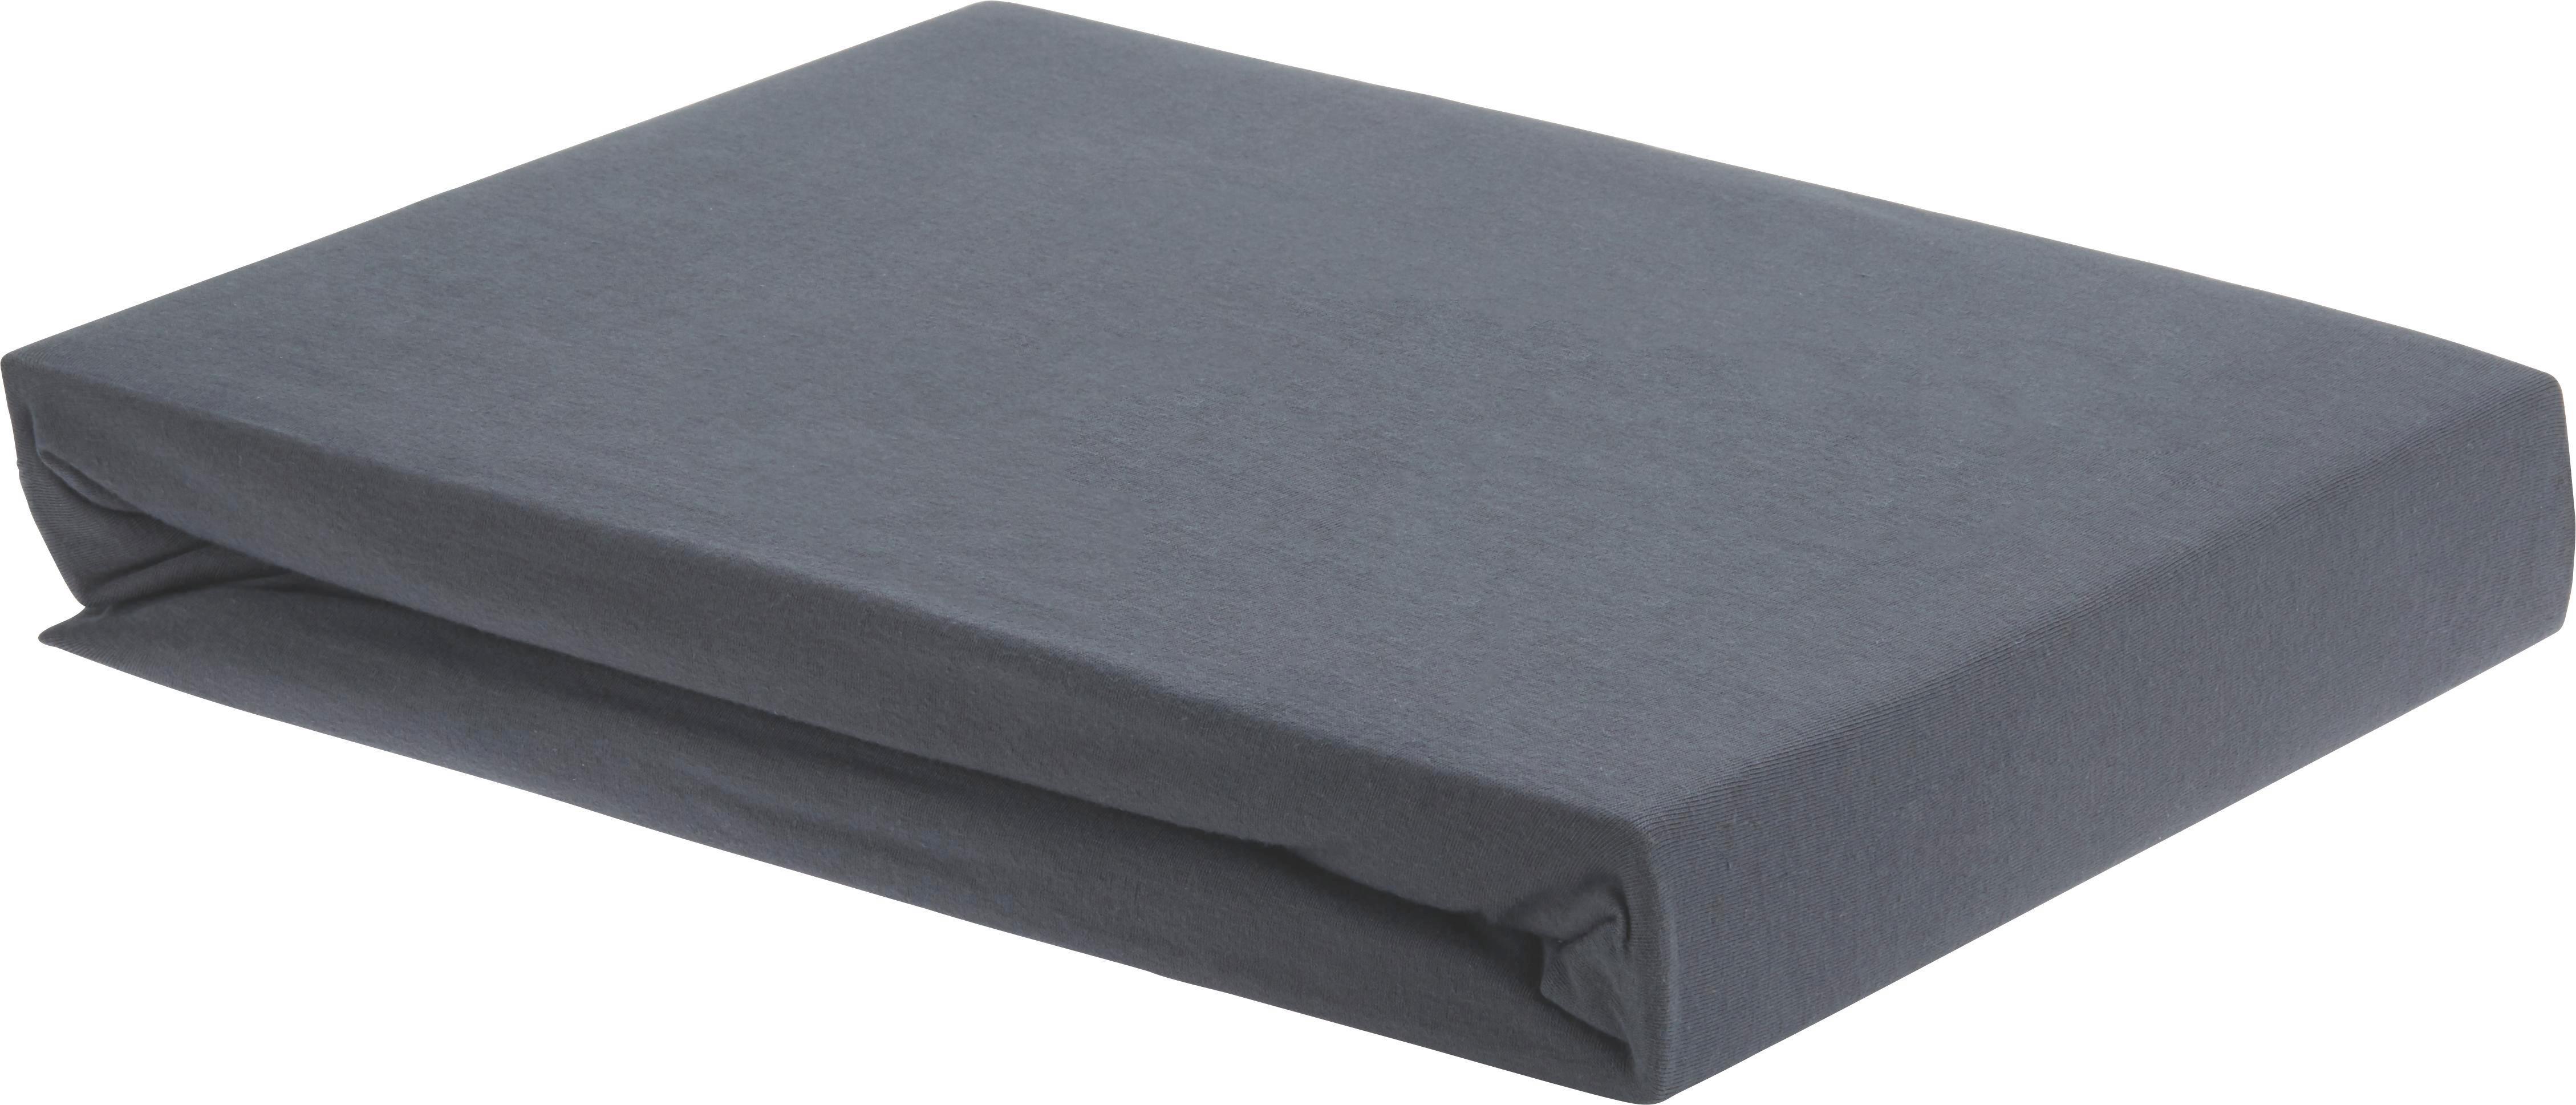 Gumis Lepedő Elasthan Topper - antracit, textil (160/200/15cm) - premium living